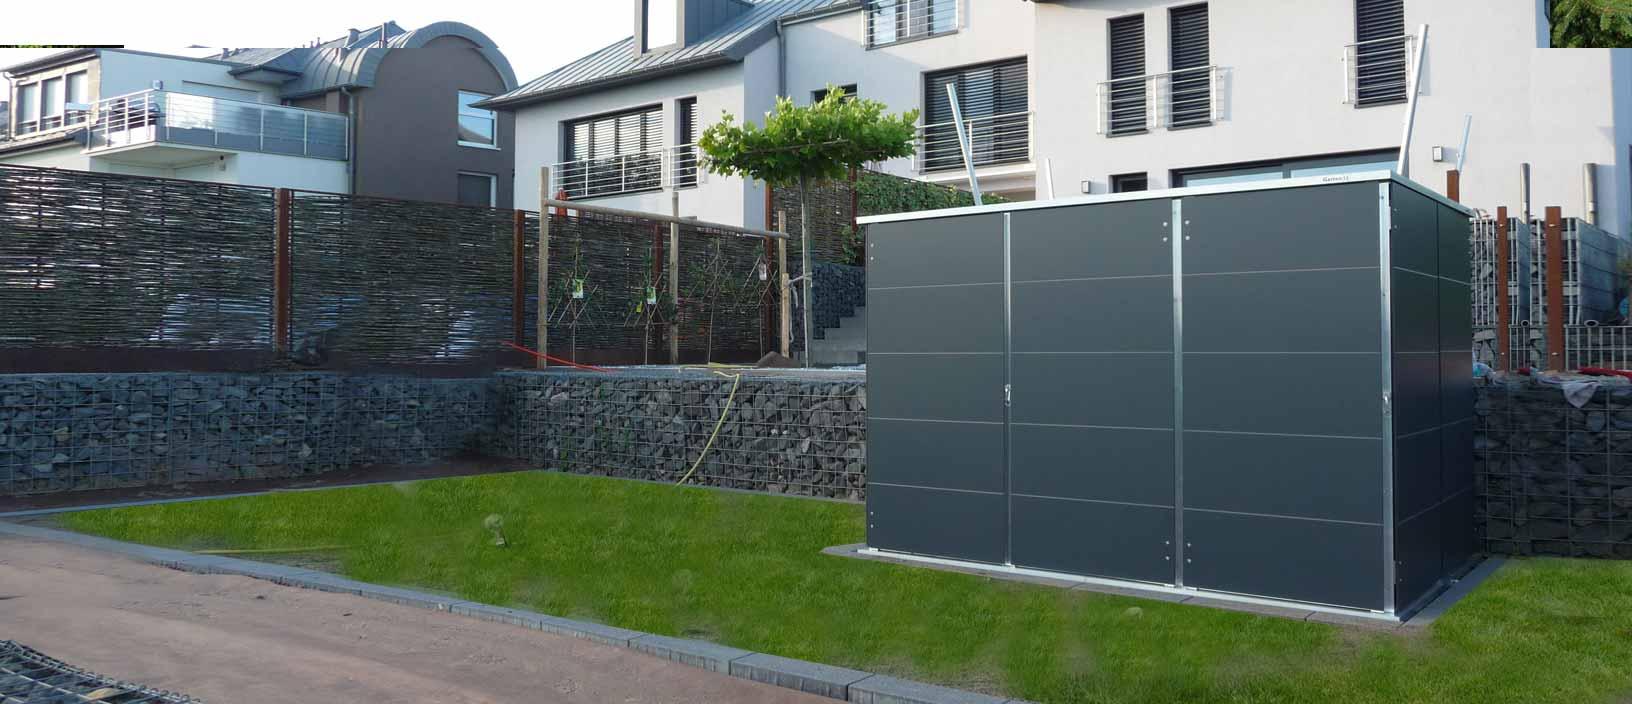 gartenhaus mit flachdach garten q gmbh. Black Bedroom Furniture Sets. Home Design Ideas